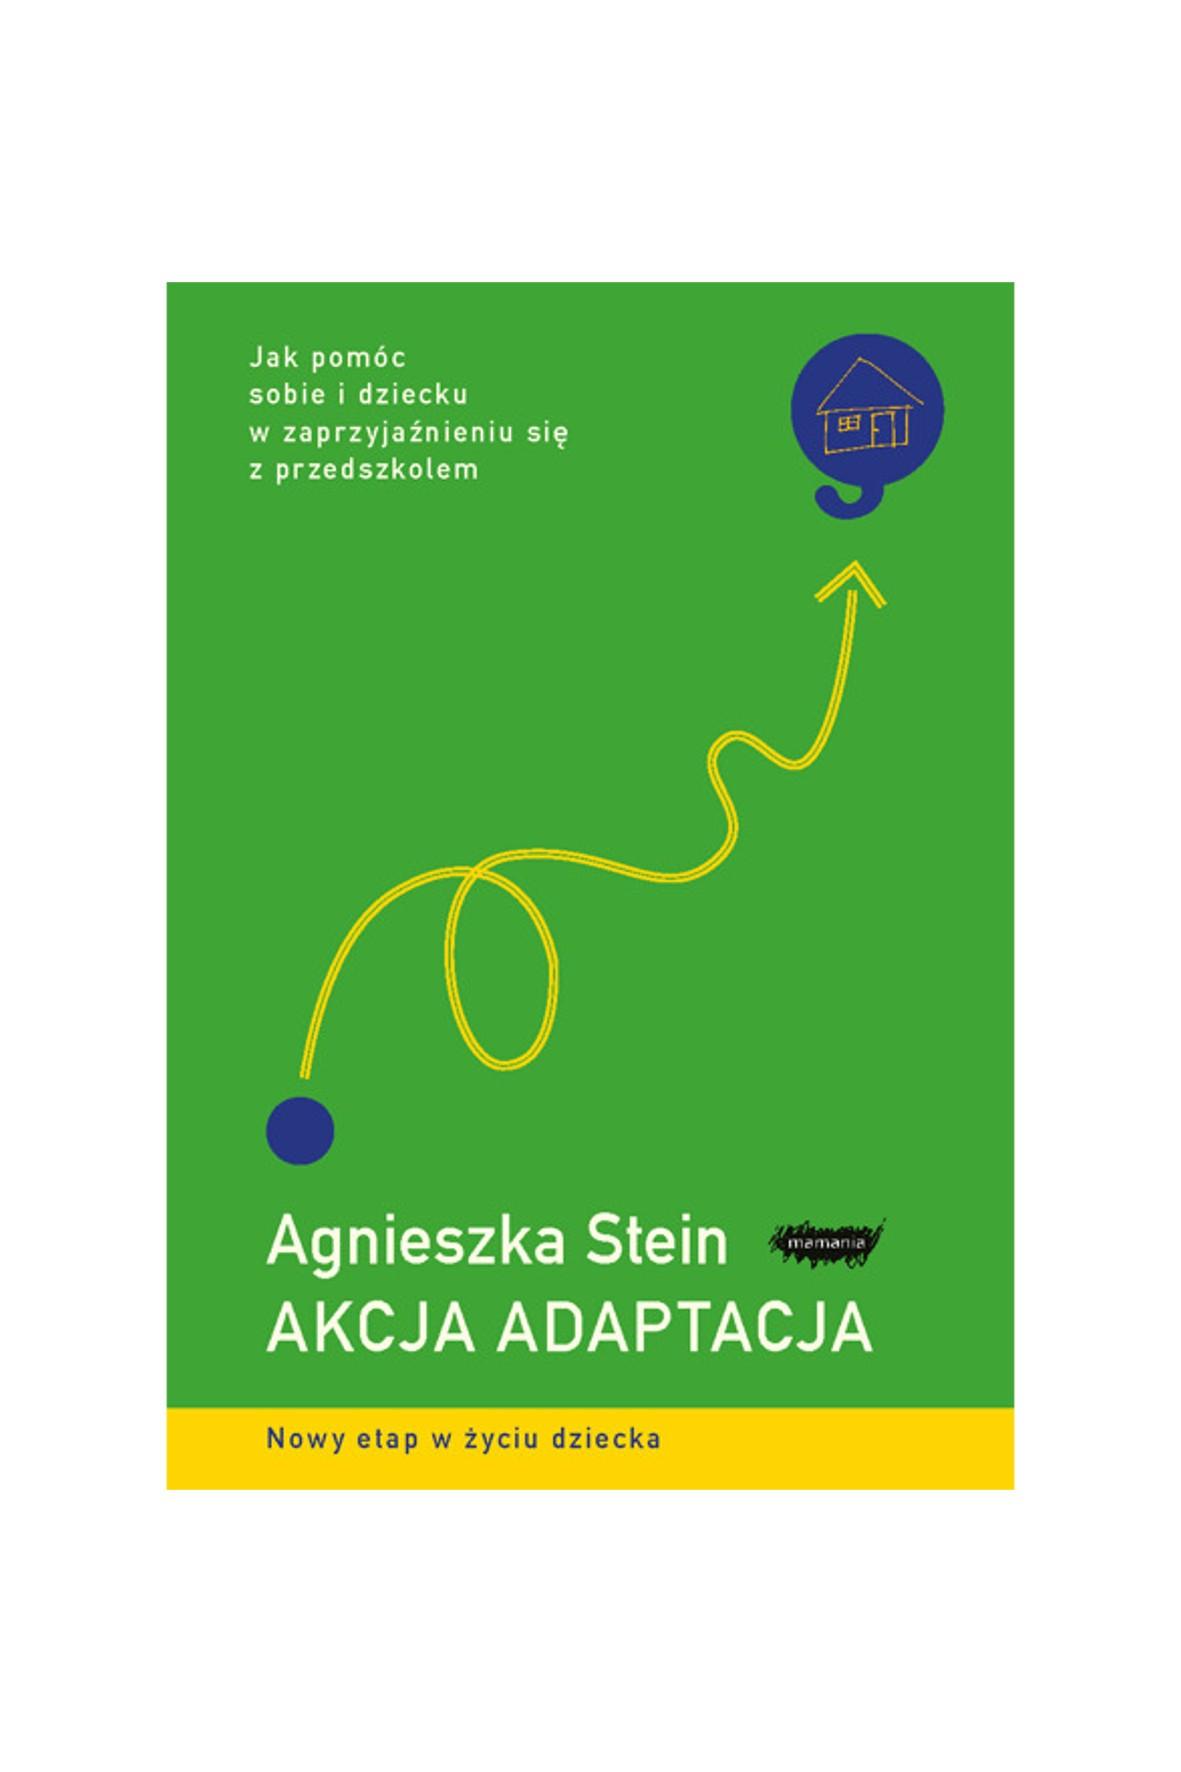 """""""Akcja adaptacja. Jak pomóc dziecku i sobie w zaprzyjaźnieniu się z przedszkolem""""- A. Stein"""